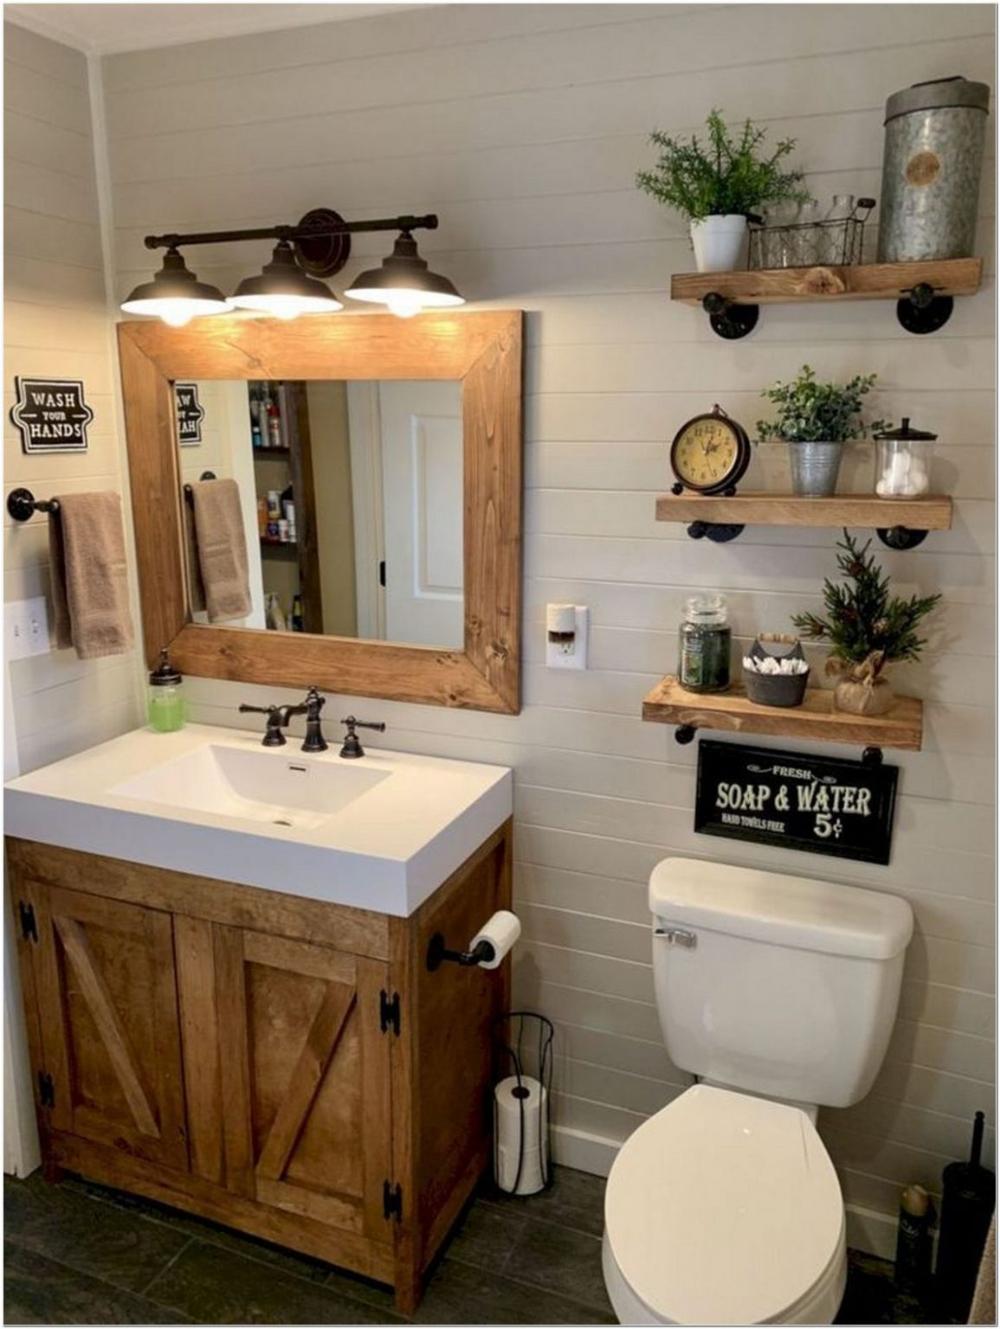 65 Small Master Bathroom Makeover On A Budget 10 Badezimmer Dekor Bauernhaus Badezimmer Rustikale Bader